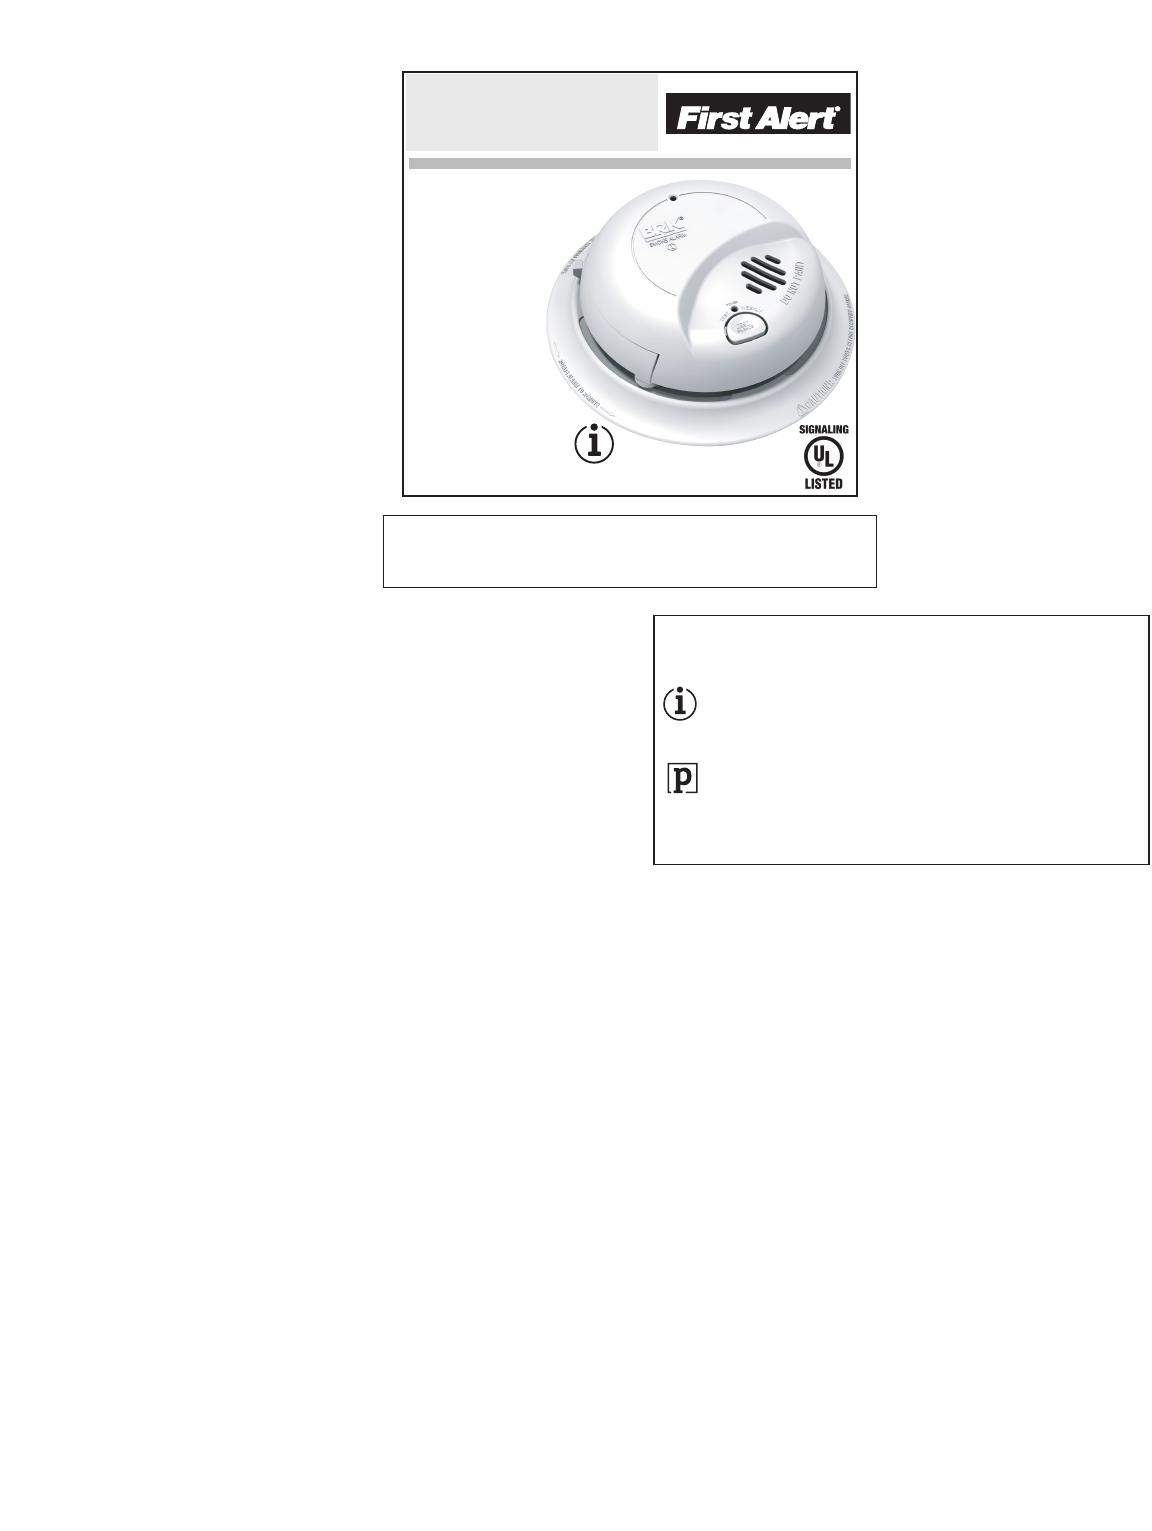 First Alert U00ae 9120b Manual Guide